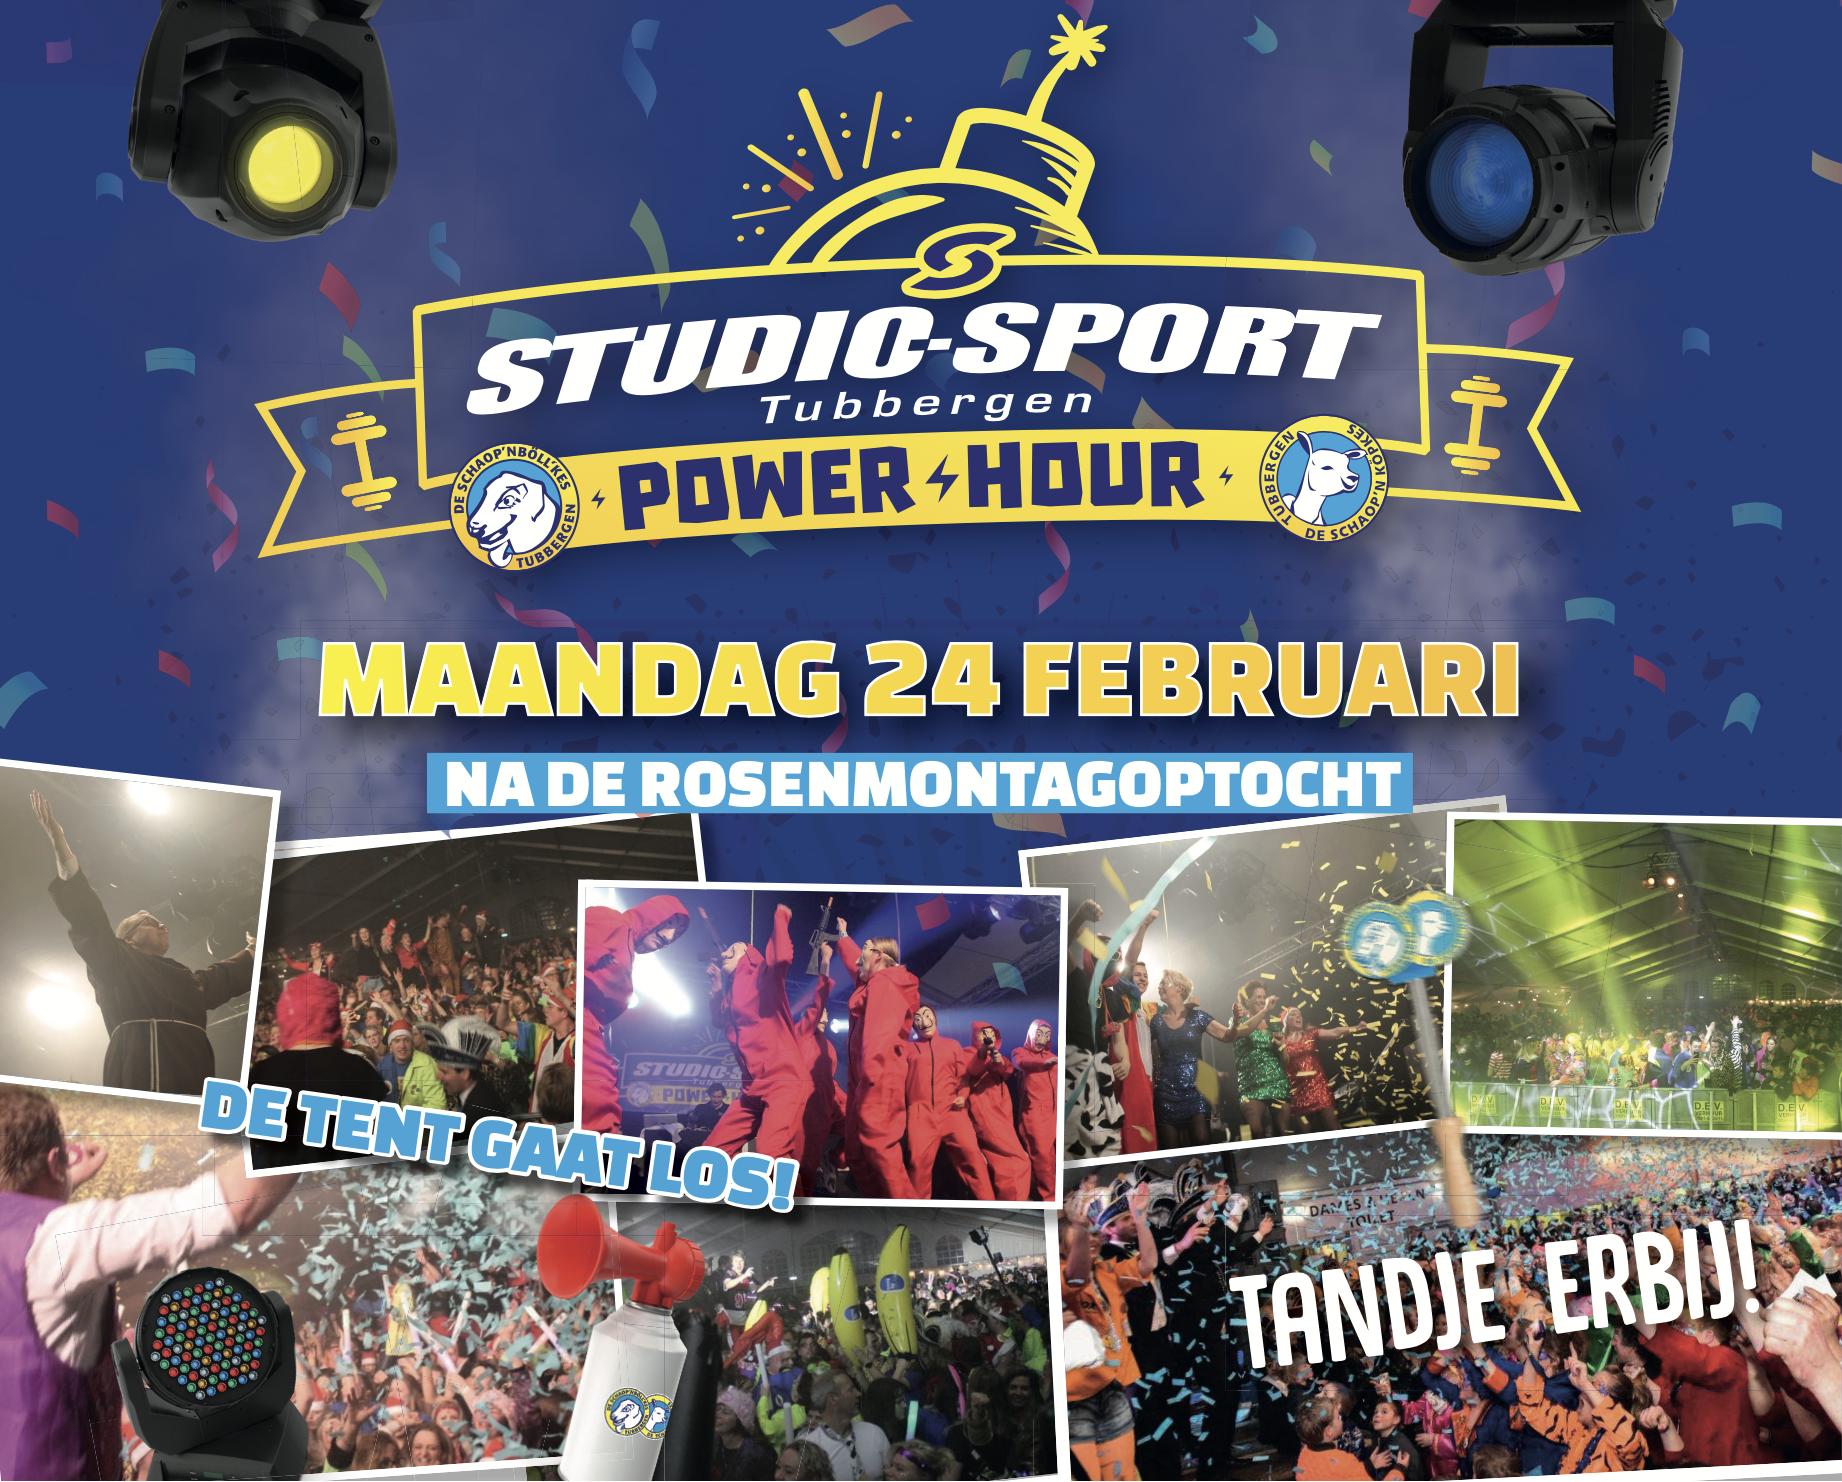 studio-sport-tubbergen-powerhour